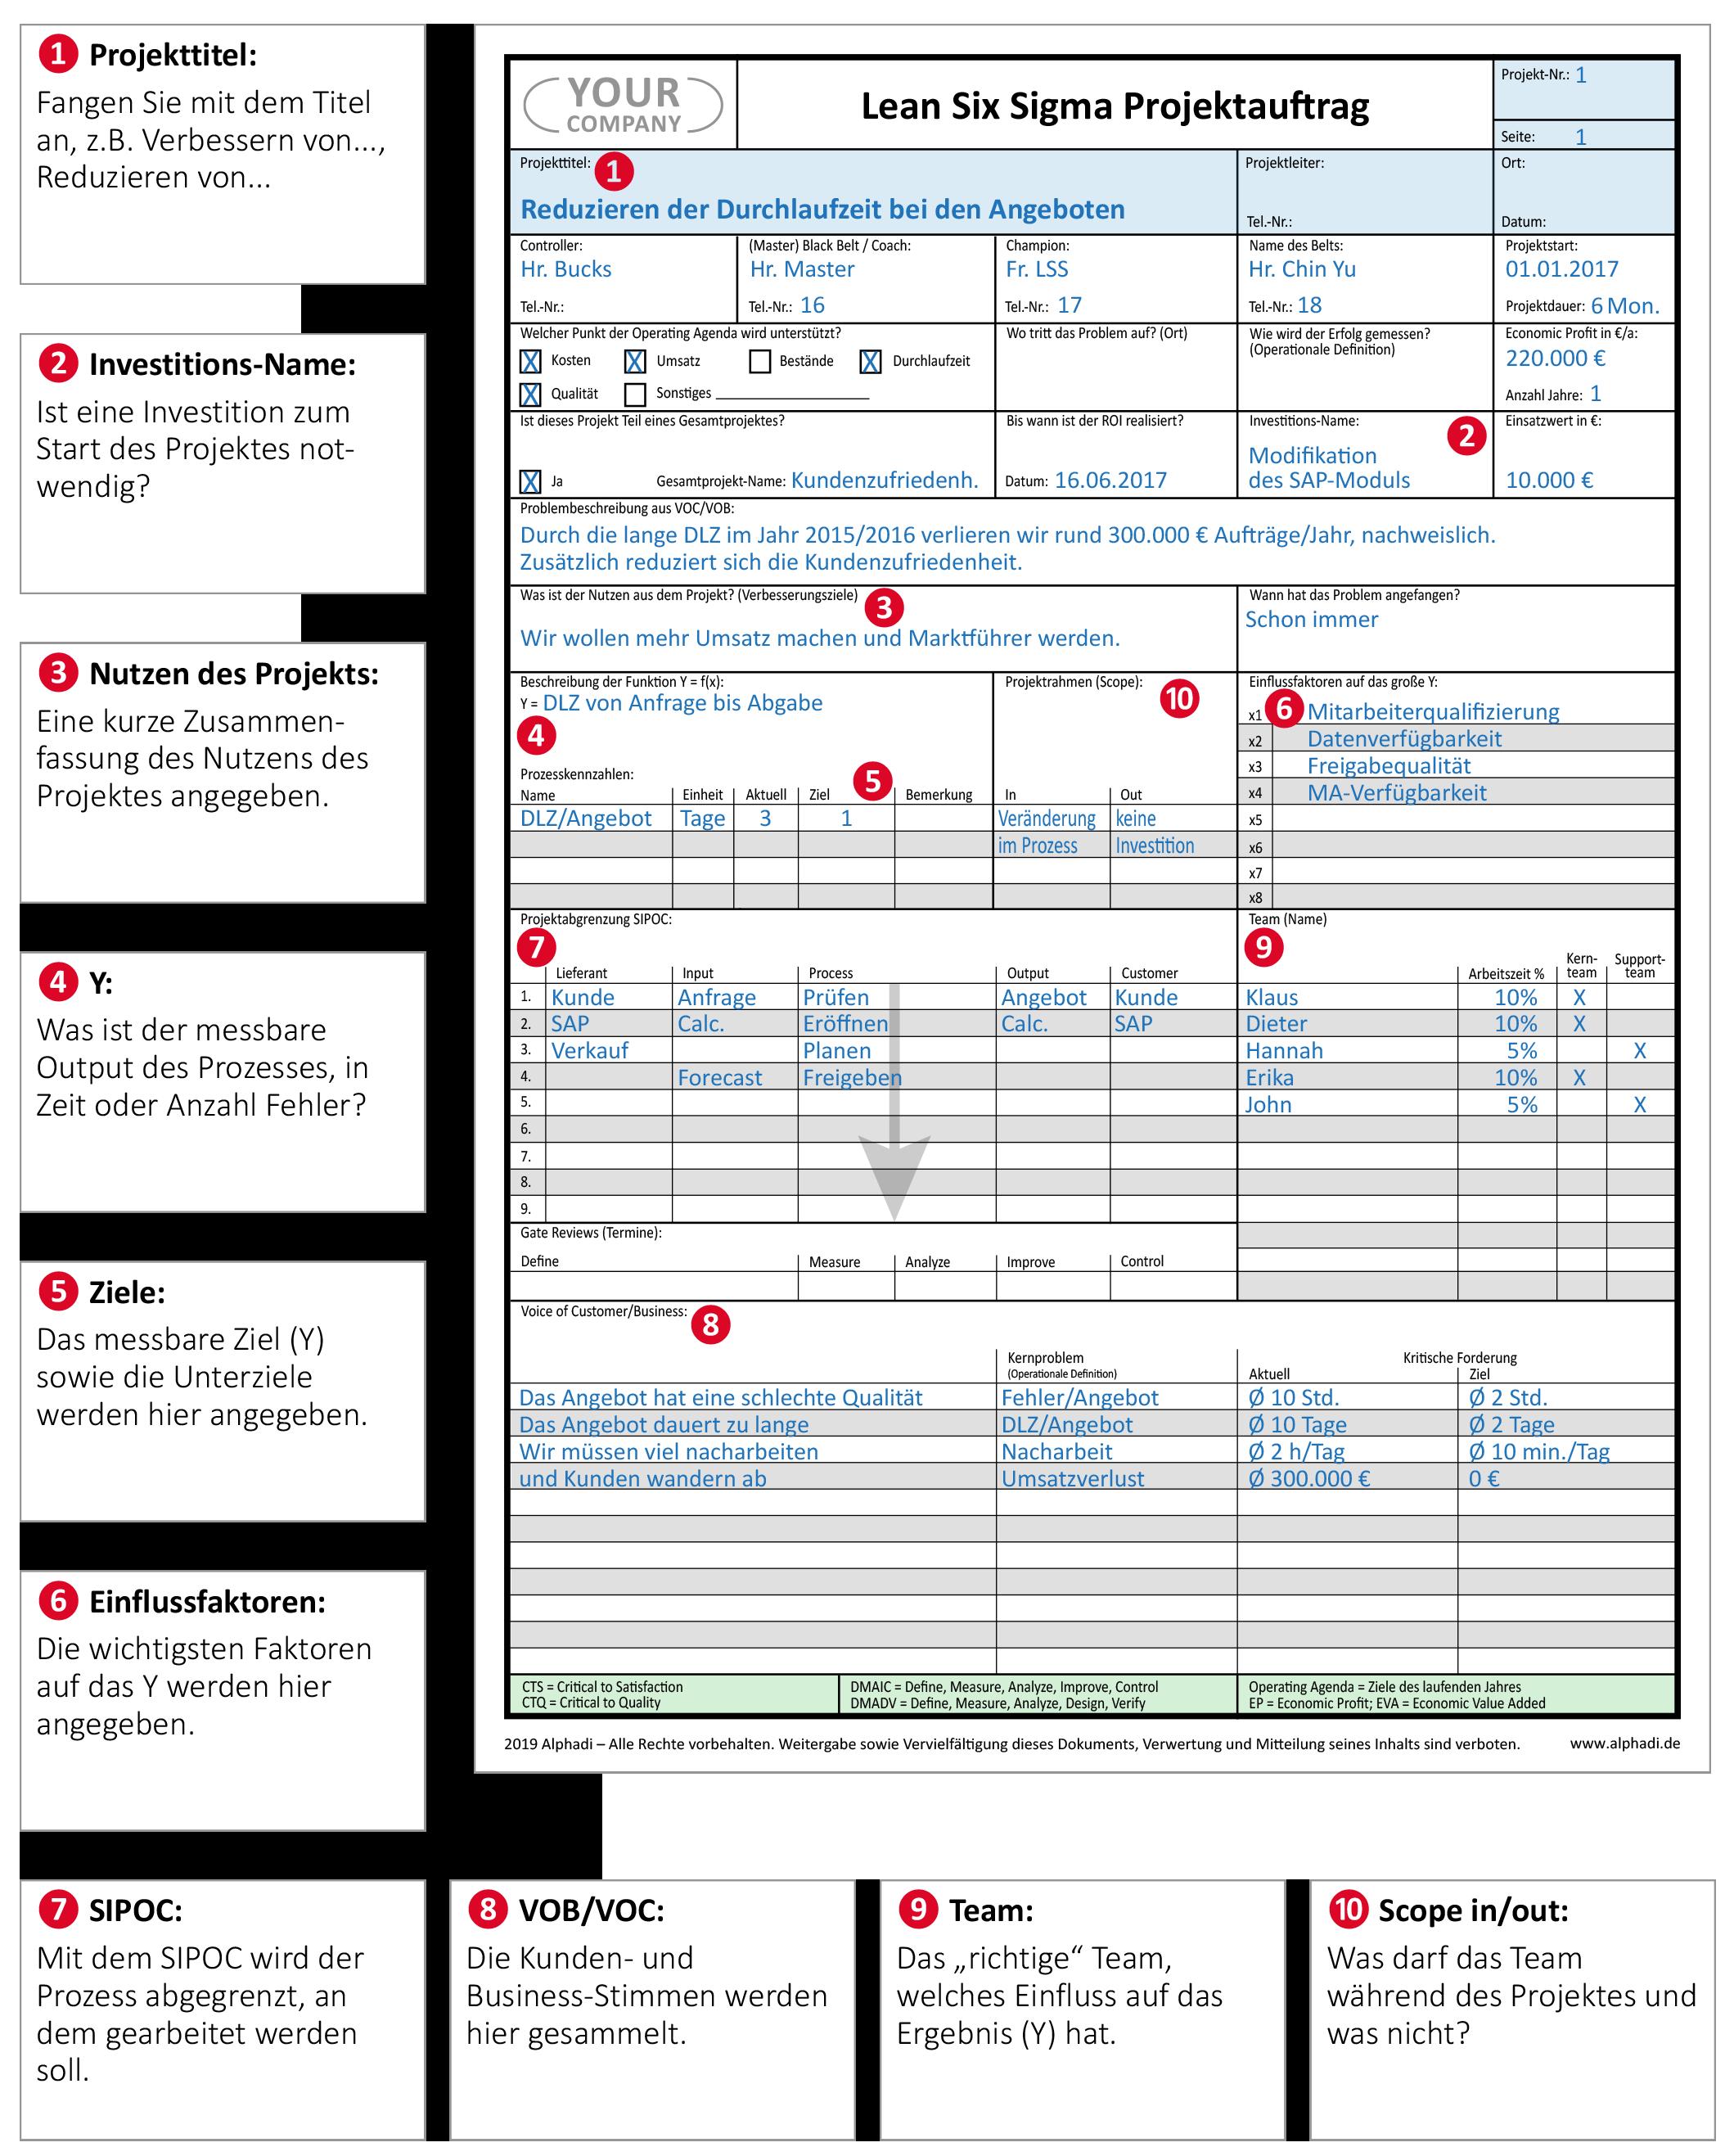 Projektauftrag Lean Six Sigma